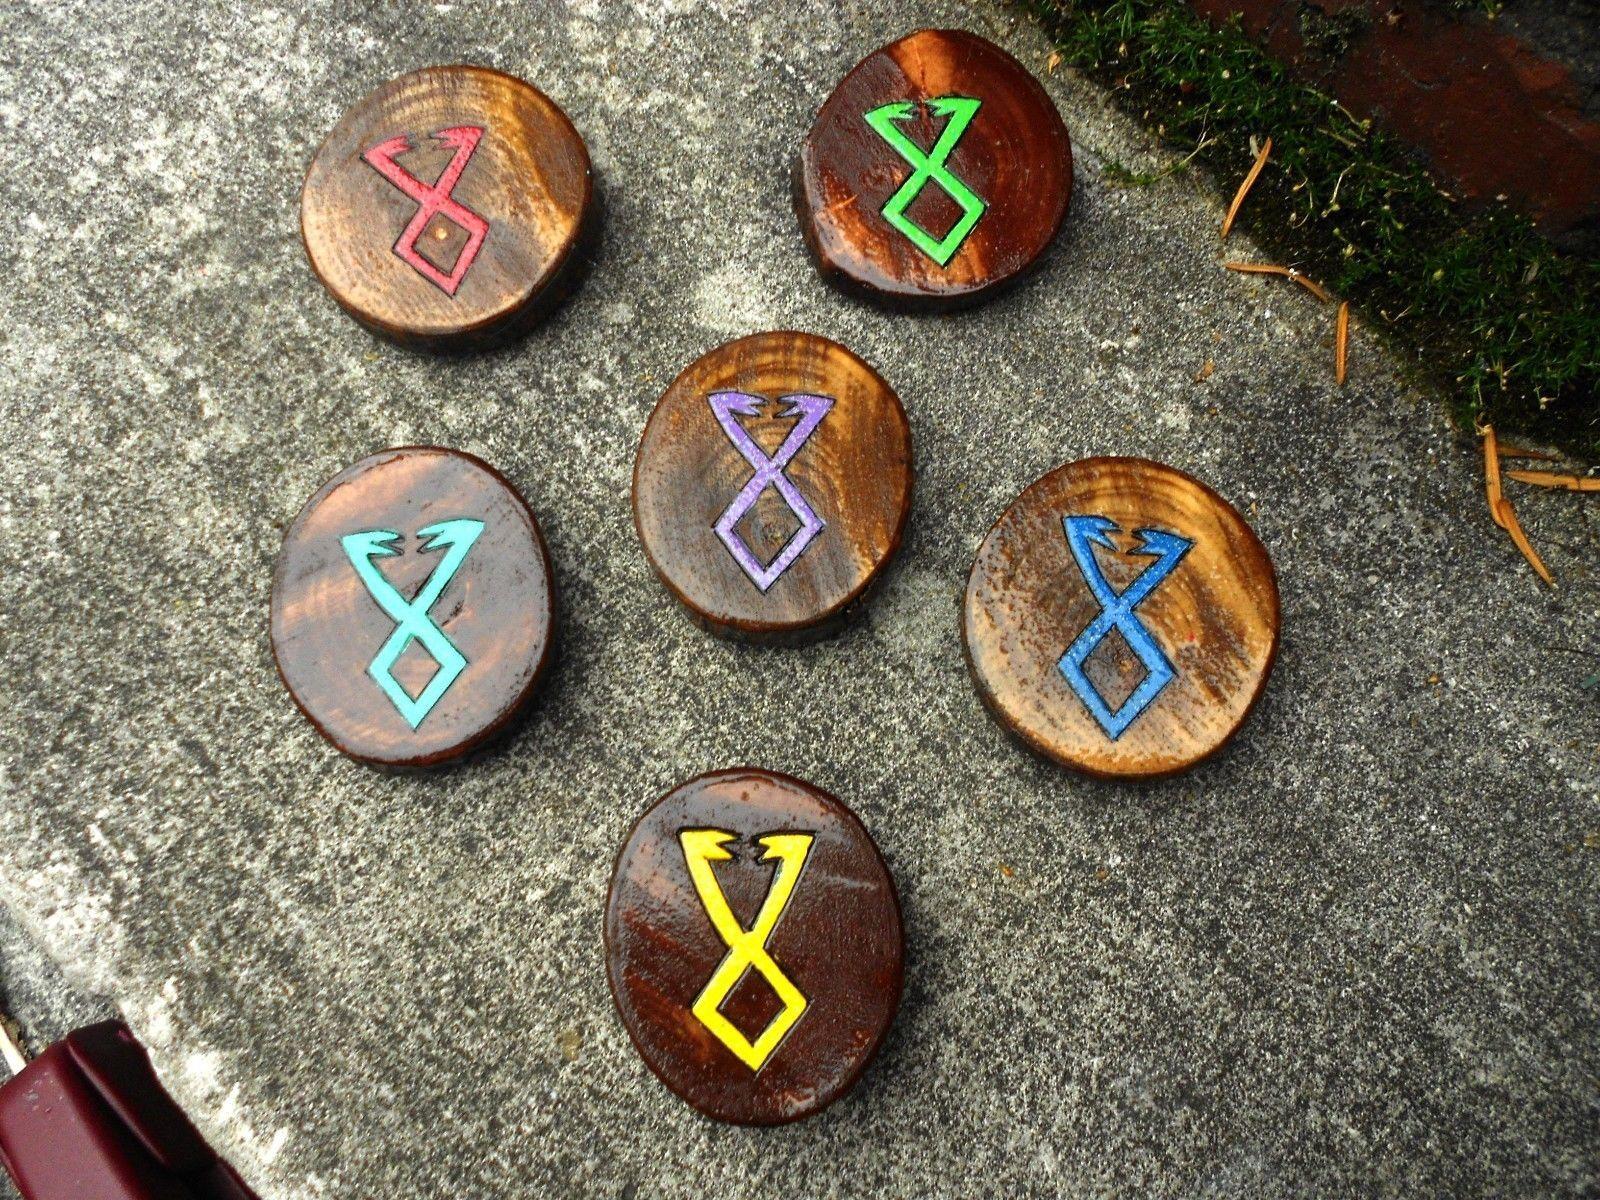 Magnetic Fairy Rune Garden Art Hobbit Elf Gnome Garden Decor Sprite Fae Fairie | eBay